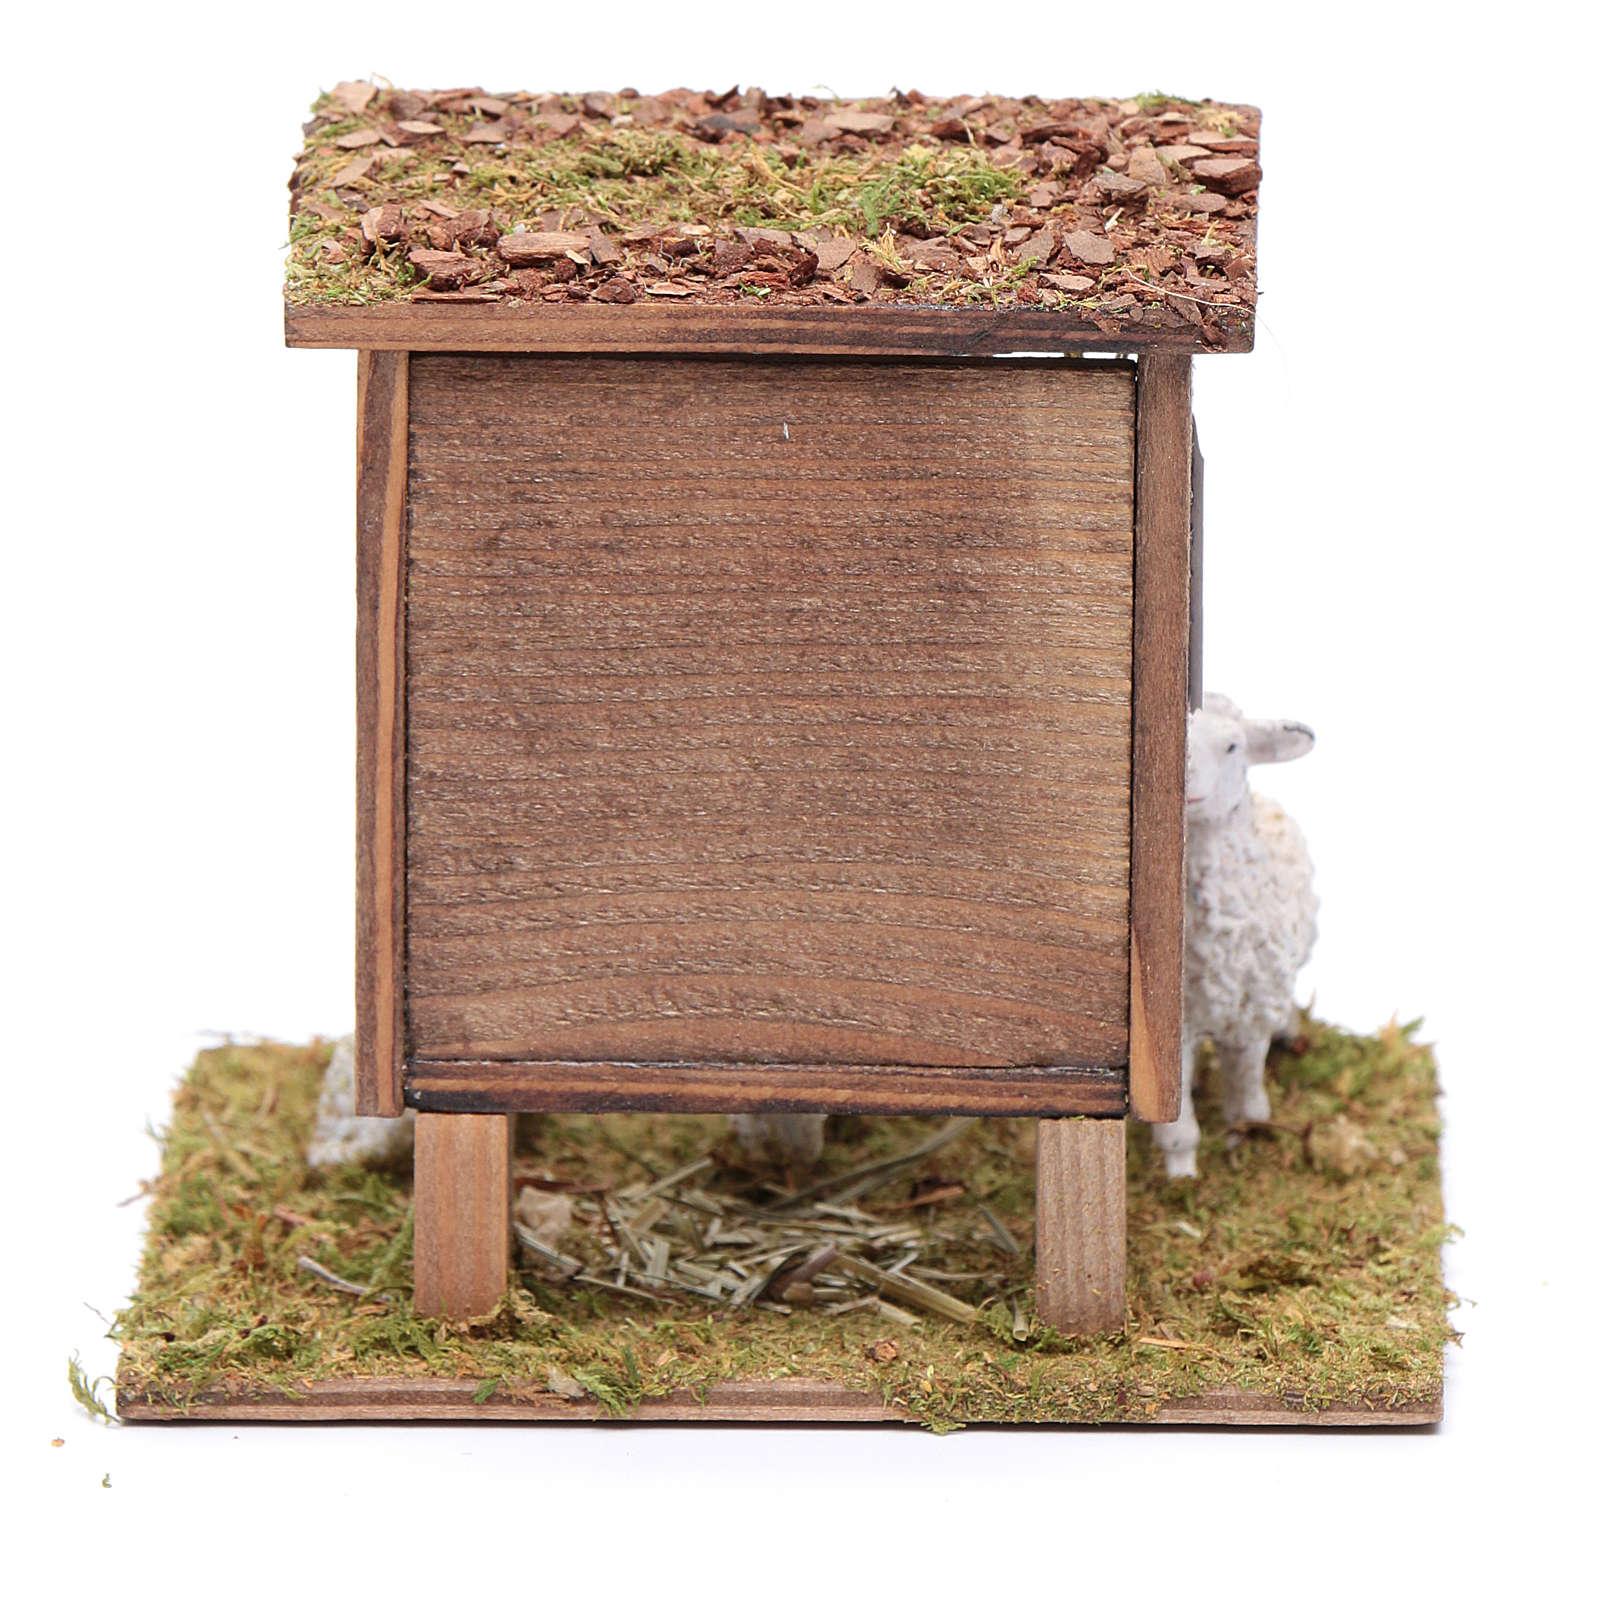 Mangiatoia con pecorelle 10x10x10 cm 3